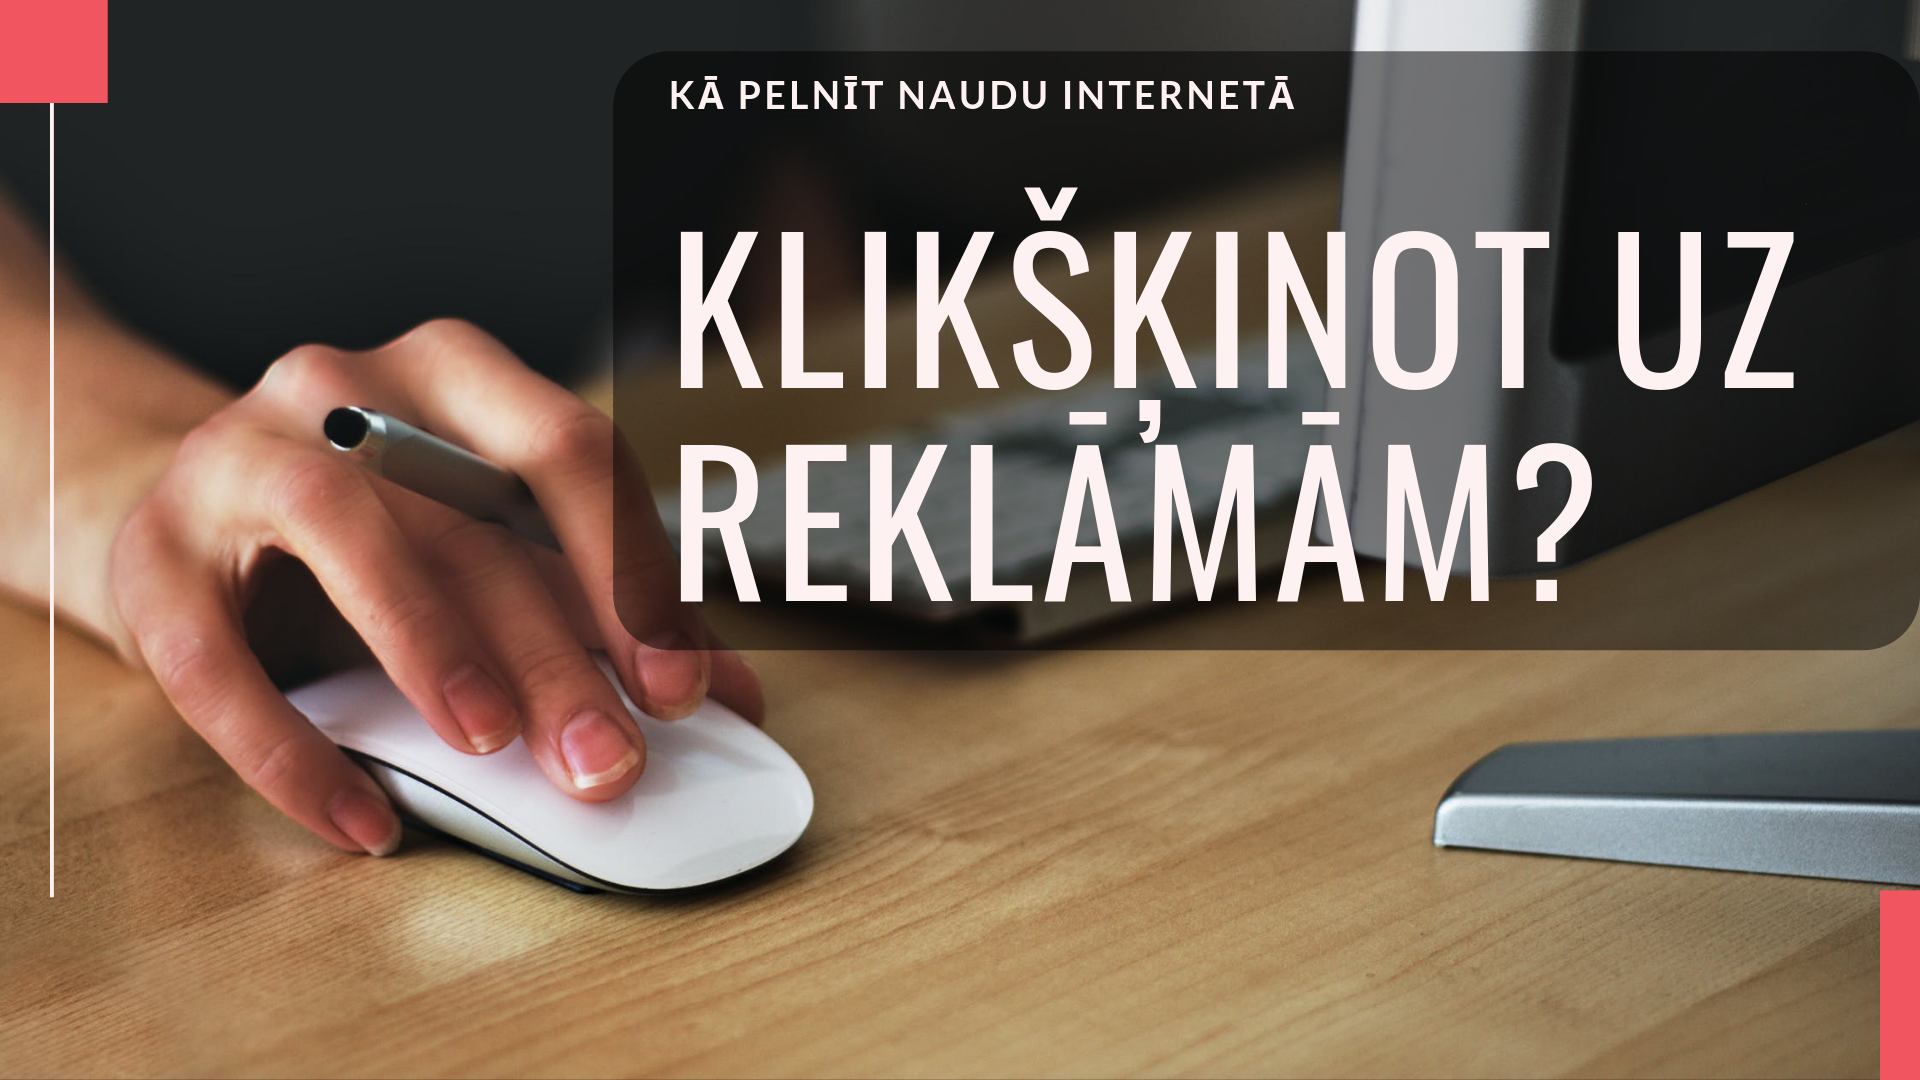 Kā Nopelnīt Naudu Ātri Izmantojot Internetu, Ko es varu nopelnīt ar šo partnerprogrammu?